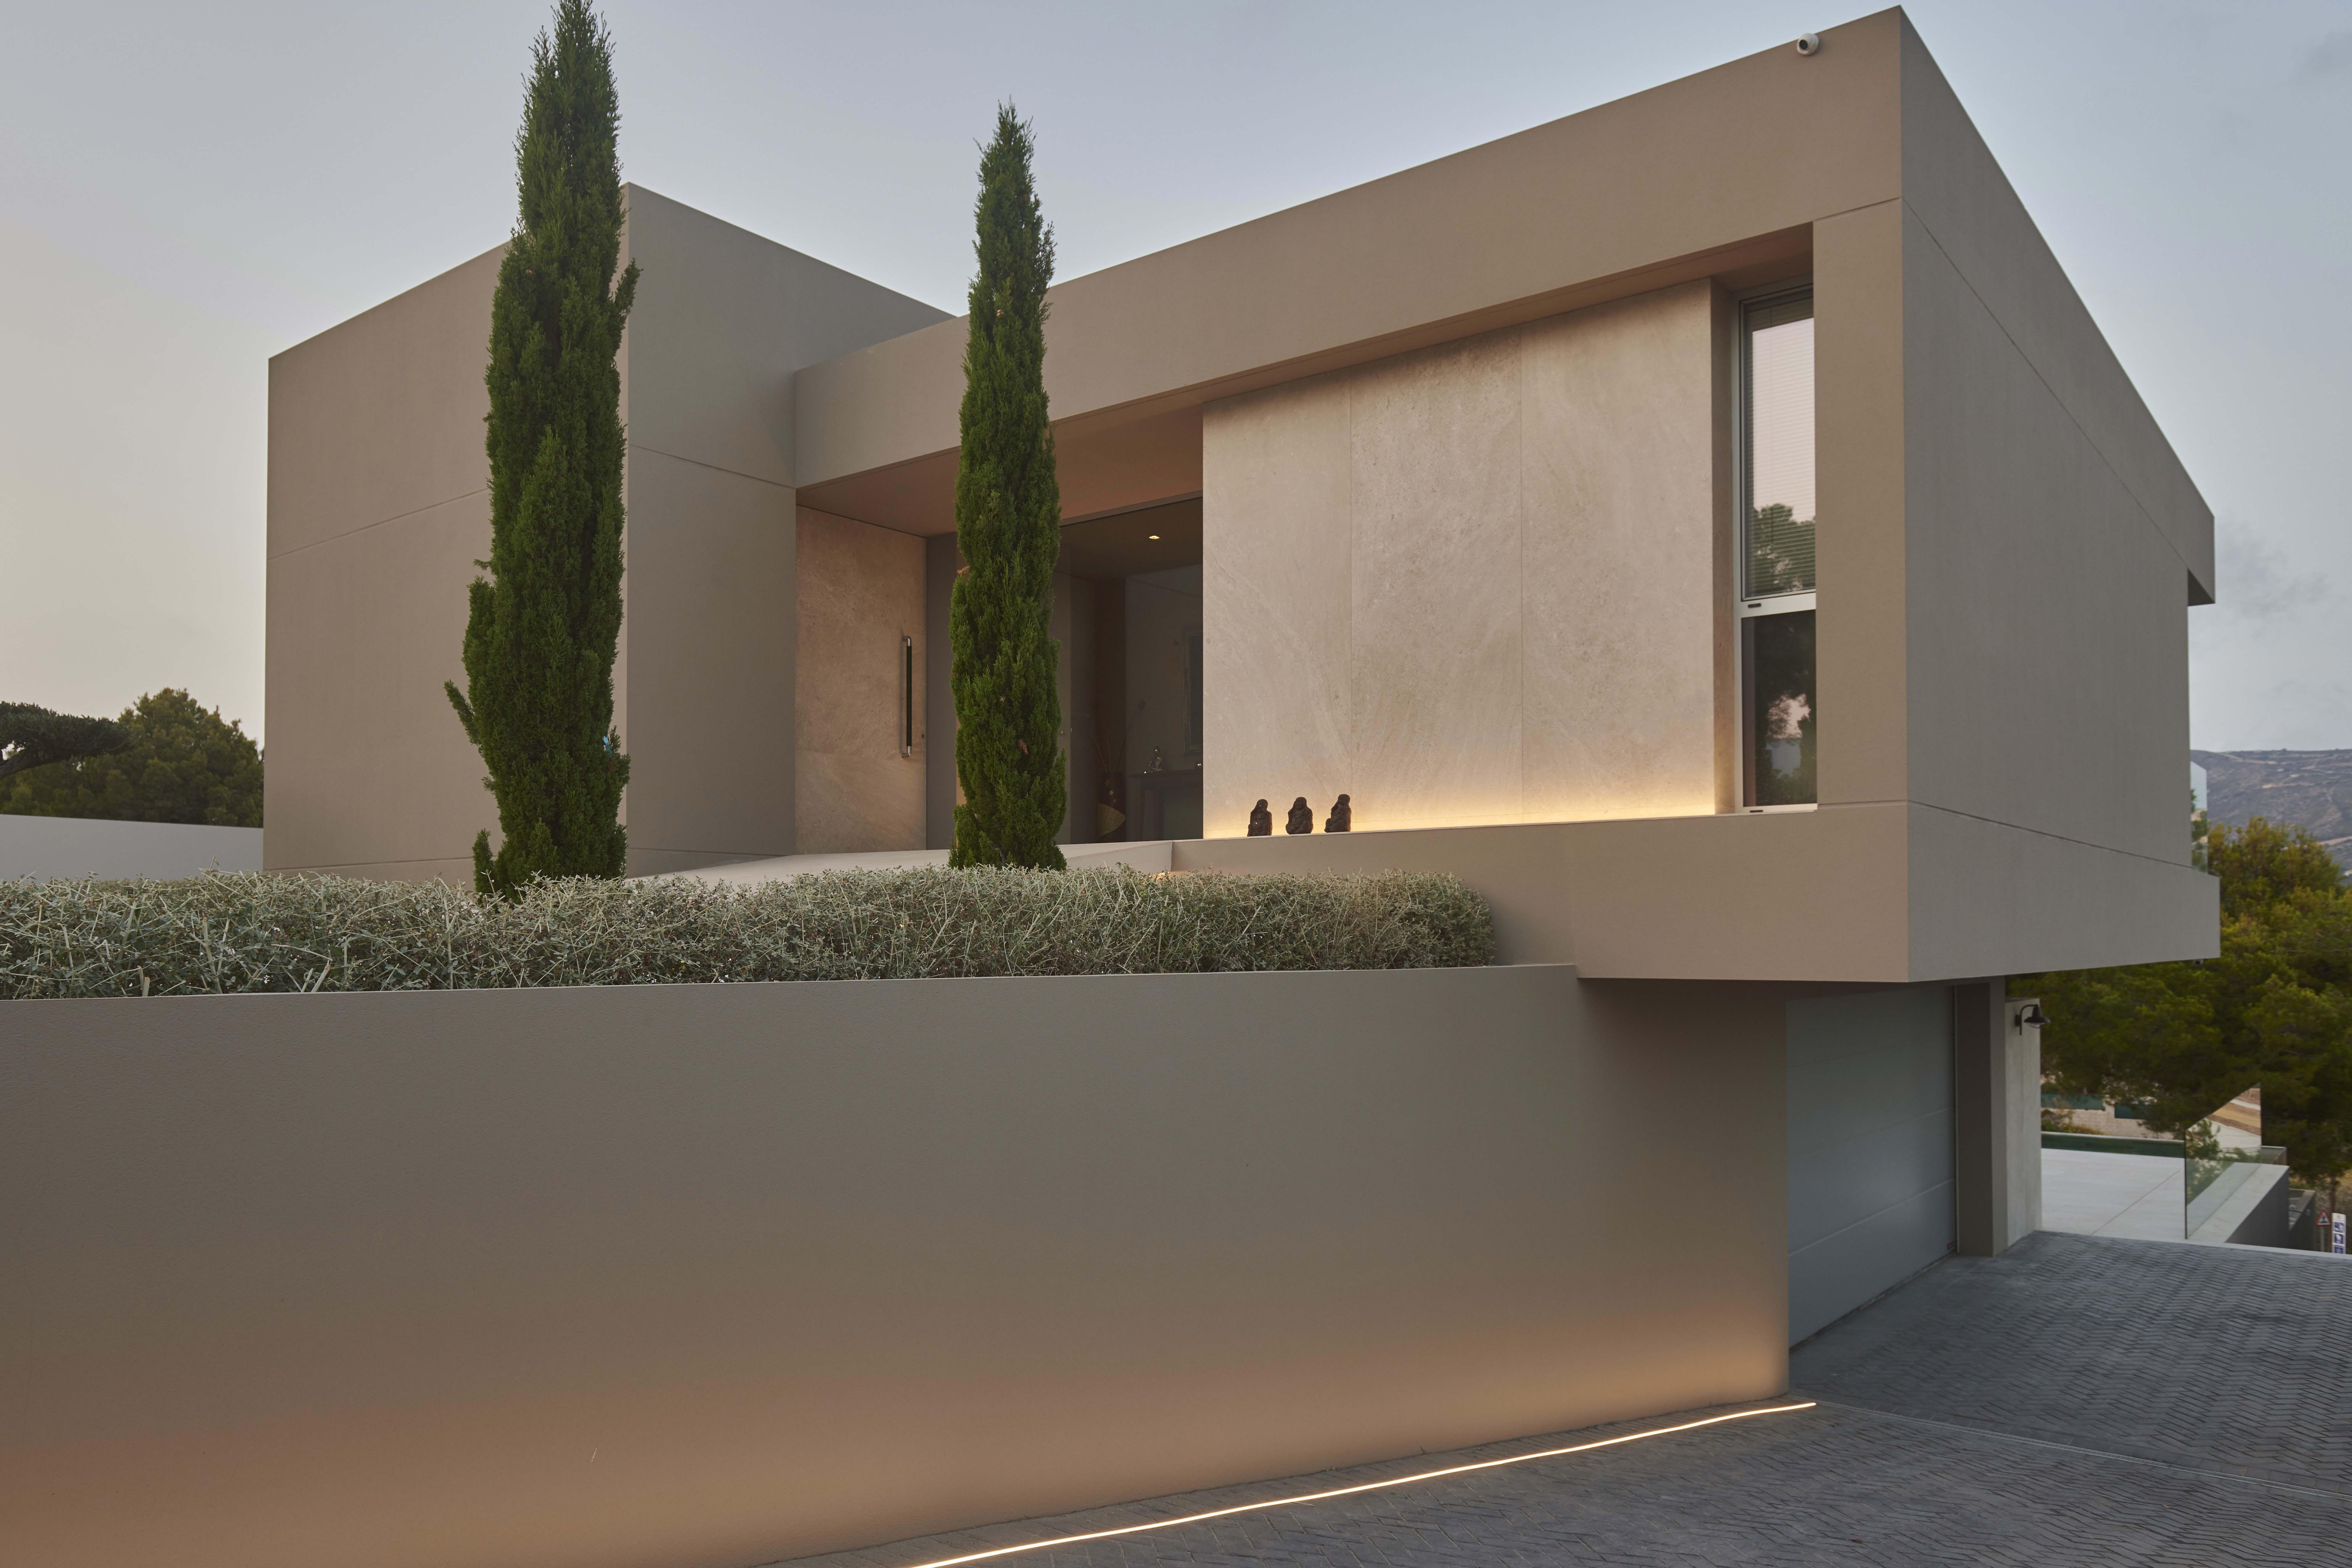 Inalco-maarquitectura-Villa-Caliza_6